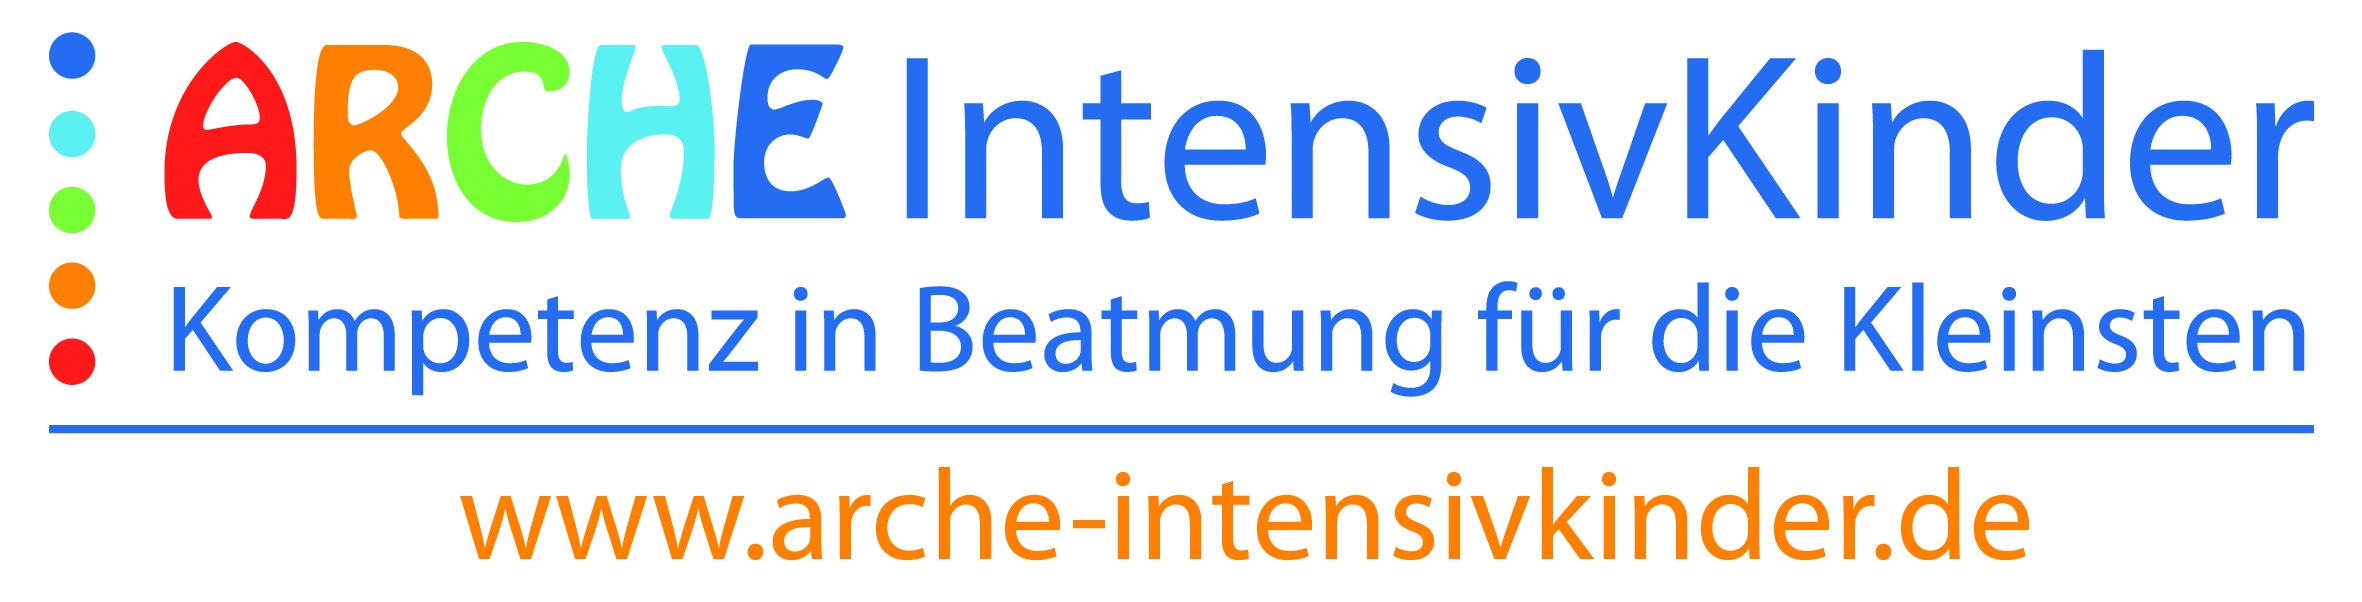 Logo_neuer_Titel_g_web